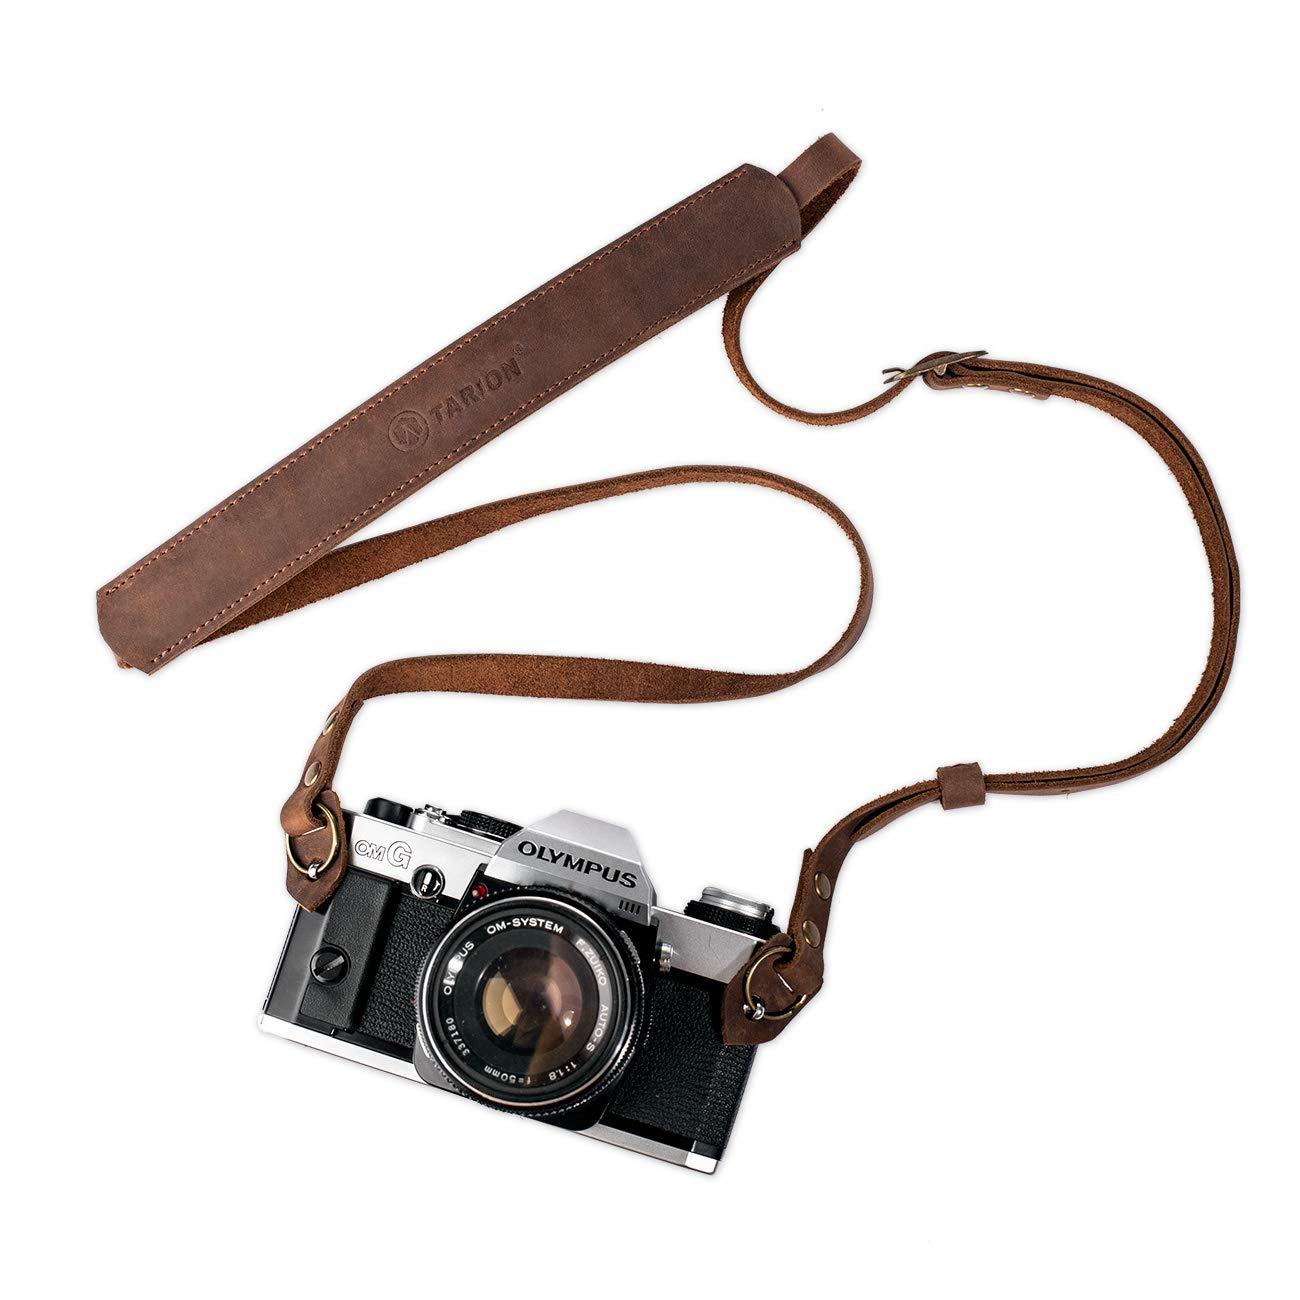 TARION TNS-L1 Leather Camera Shoulder Neck Strap for DSLR SLR Mirrorless Film Cameras Vintage DSLR Neck Strap Length Adjustable Camera Shoulder Strap